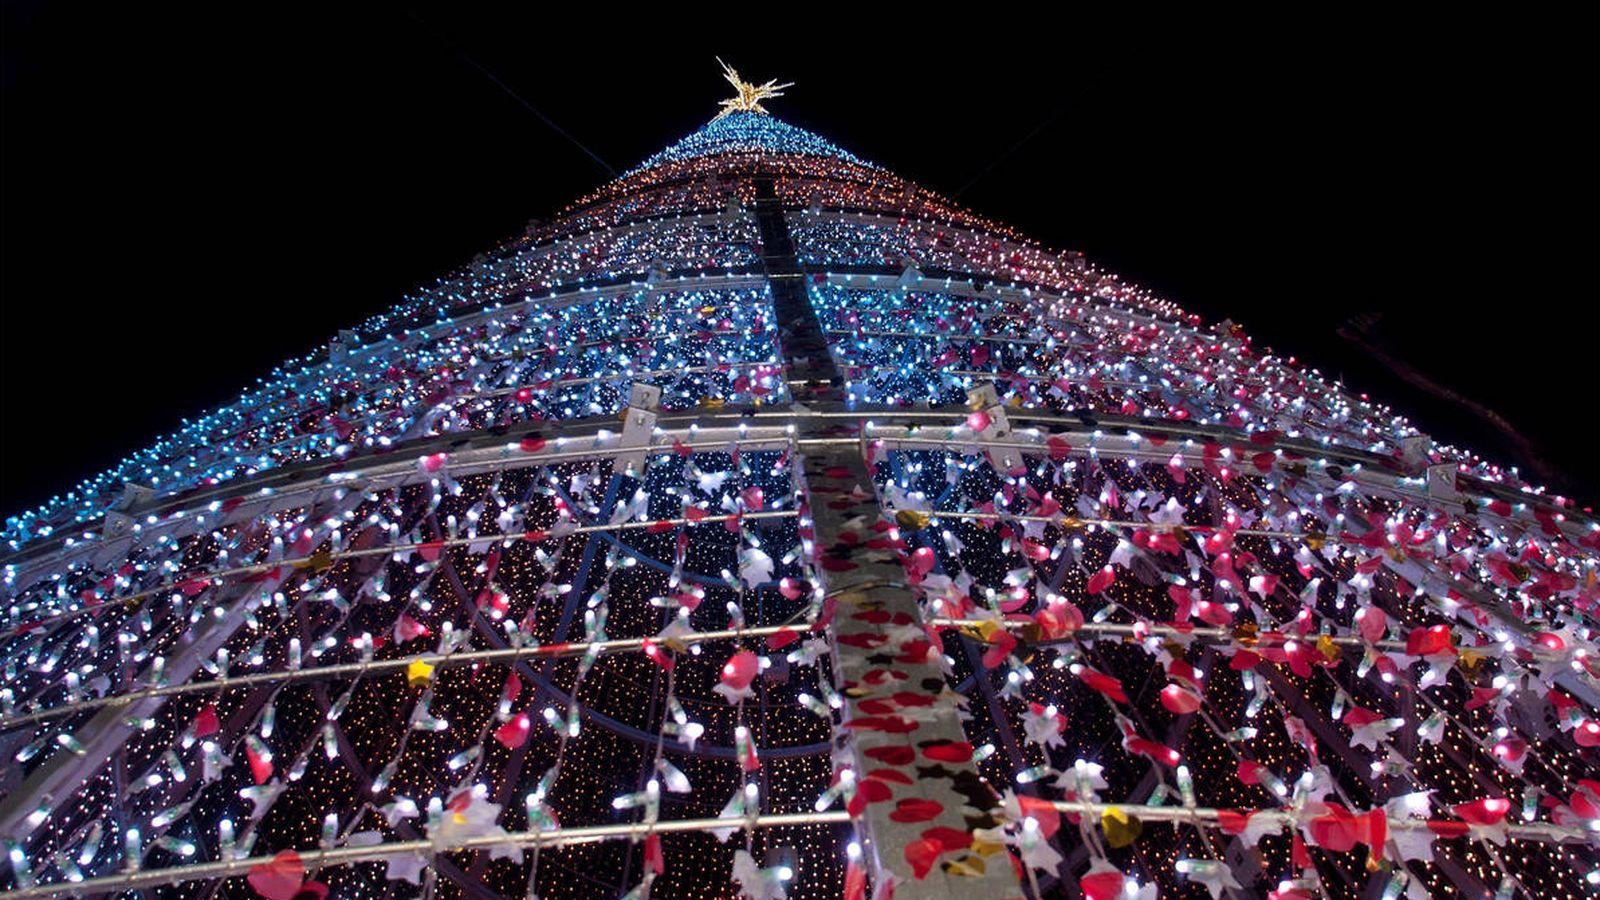 fc694e30795 Navidad  Los taxistas de Vigo llevan gratis a 200 ancianos a ver las luces  de Navidad